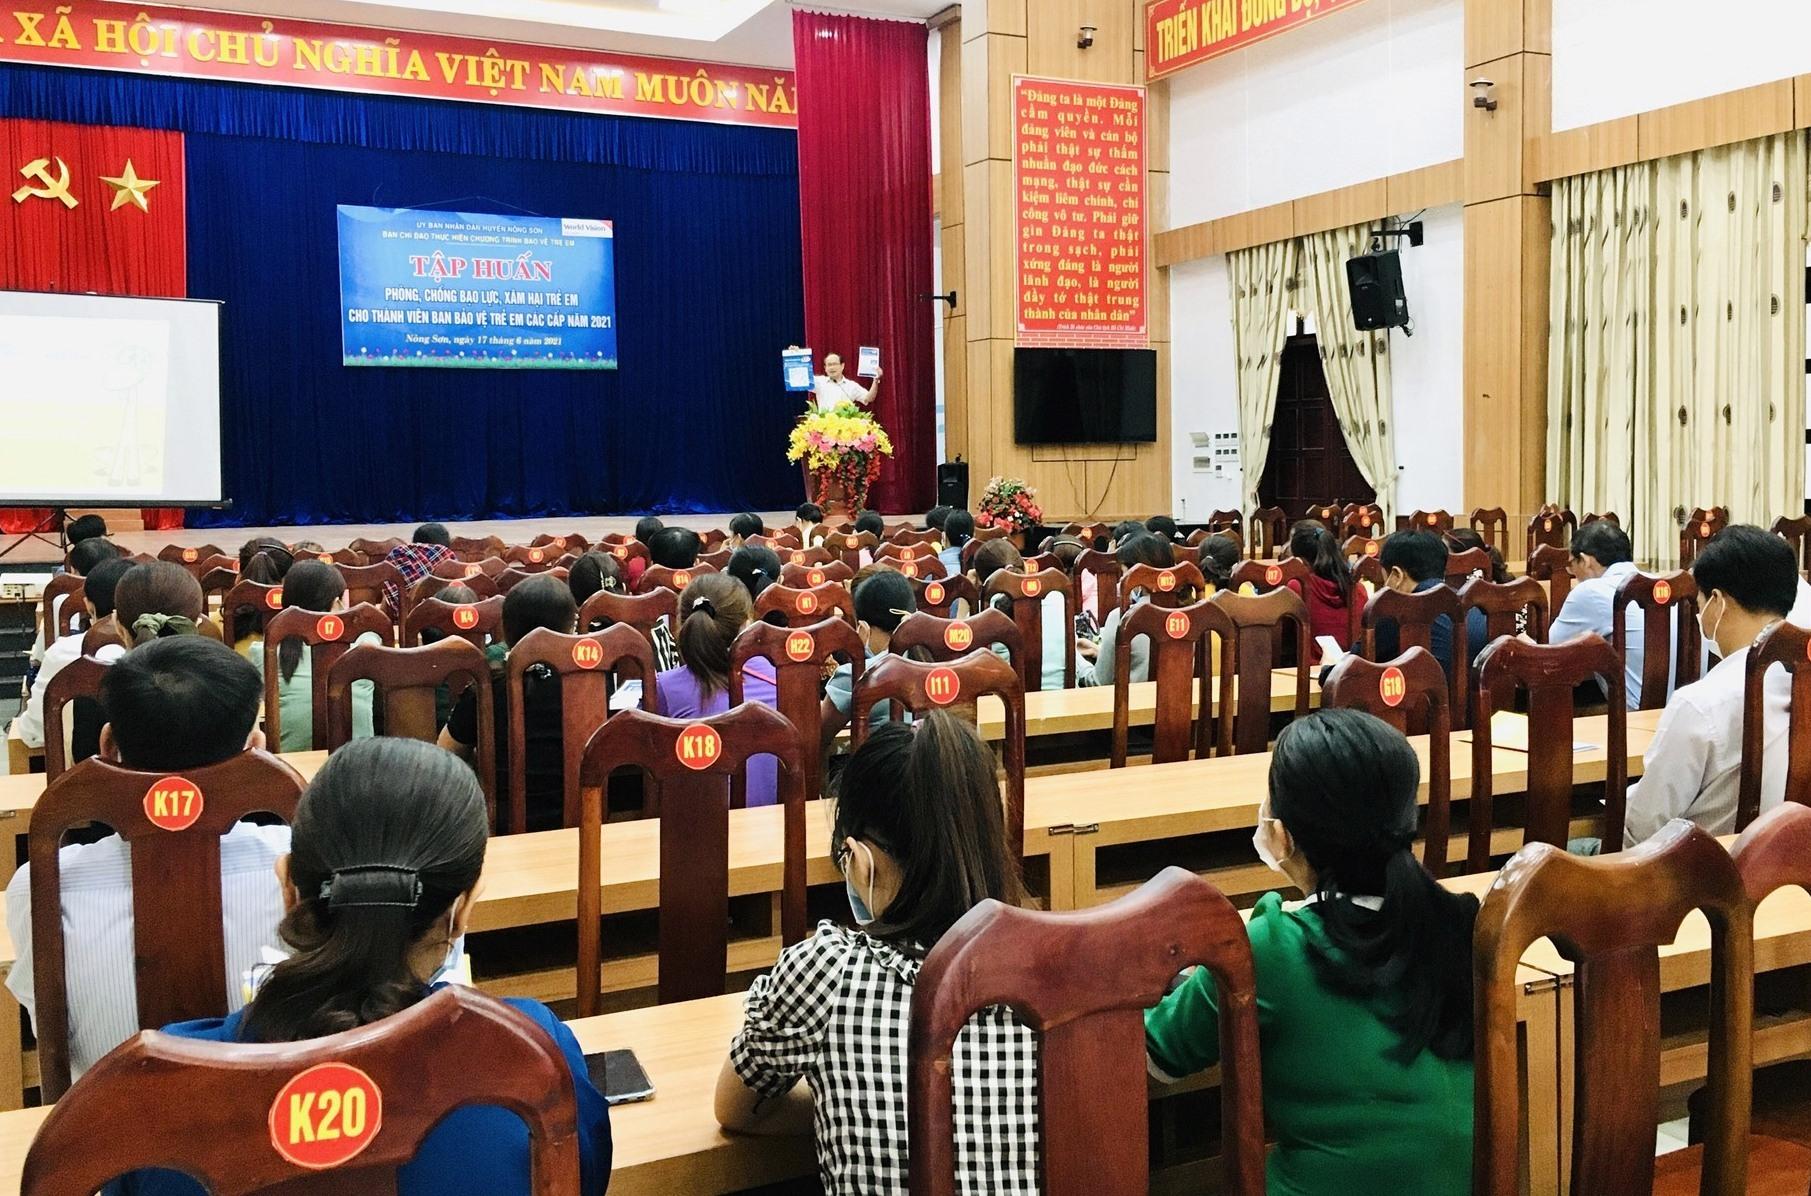 Tập huấn phòng chống bạo lực, xâm hại trẻ em cho ban bảo vệ trẻ em các cấp trên địa bàn huyện Nông Sơn. Ảnh: TÂM LÊ